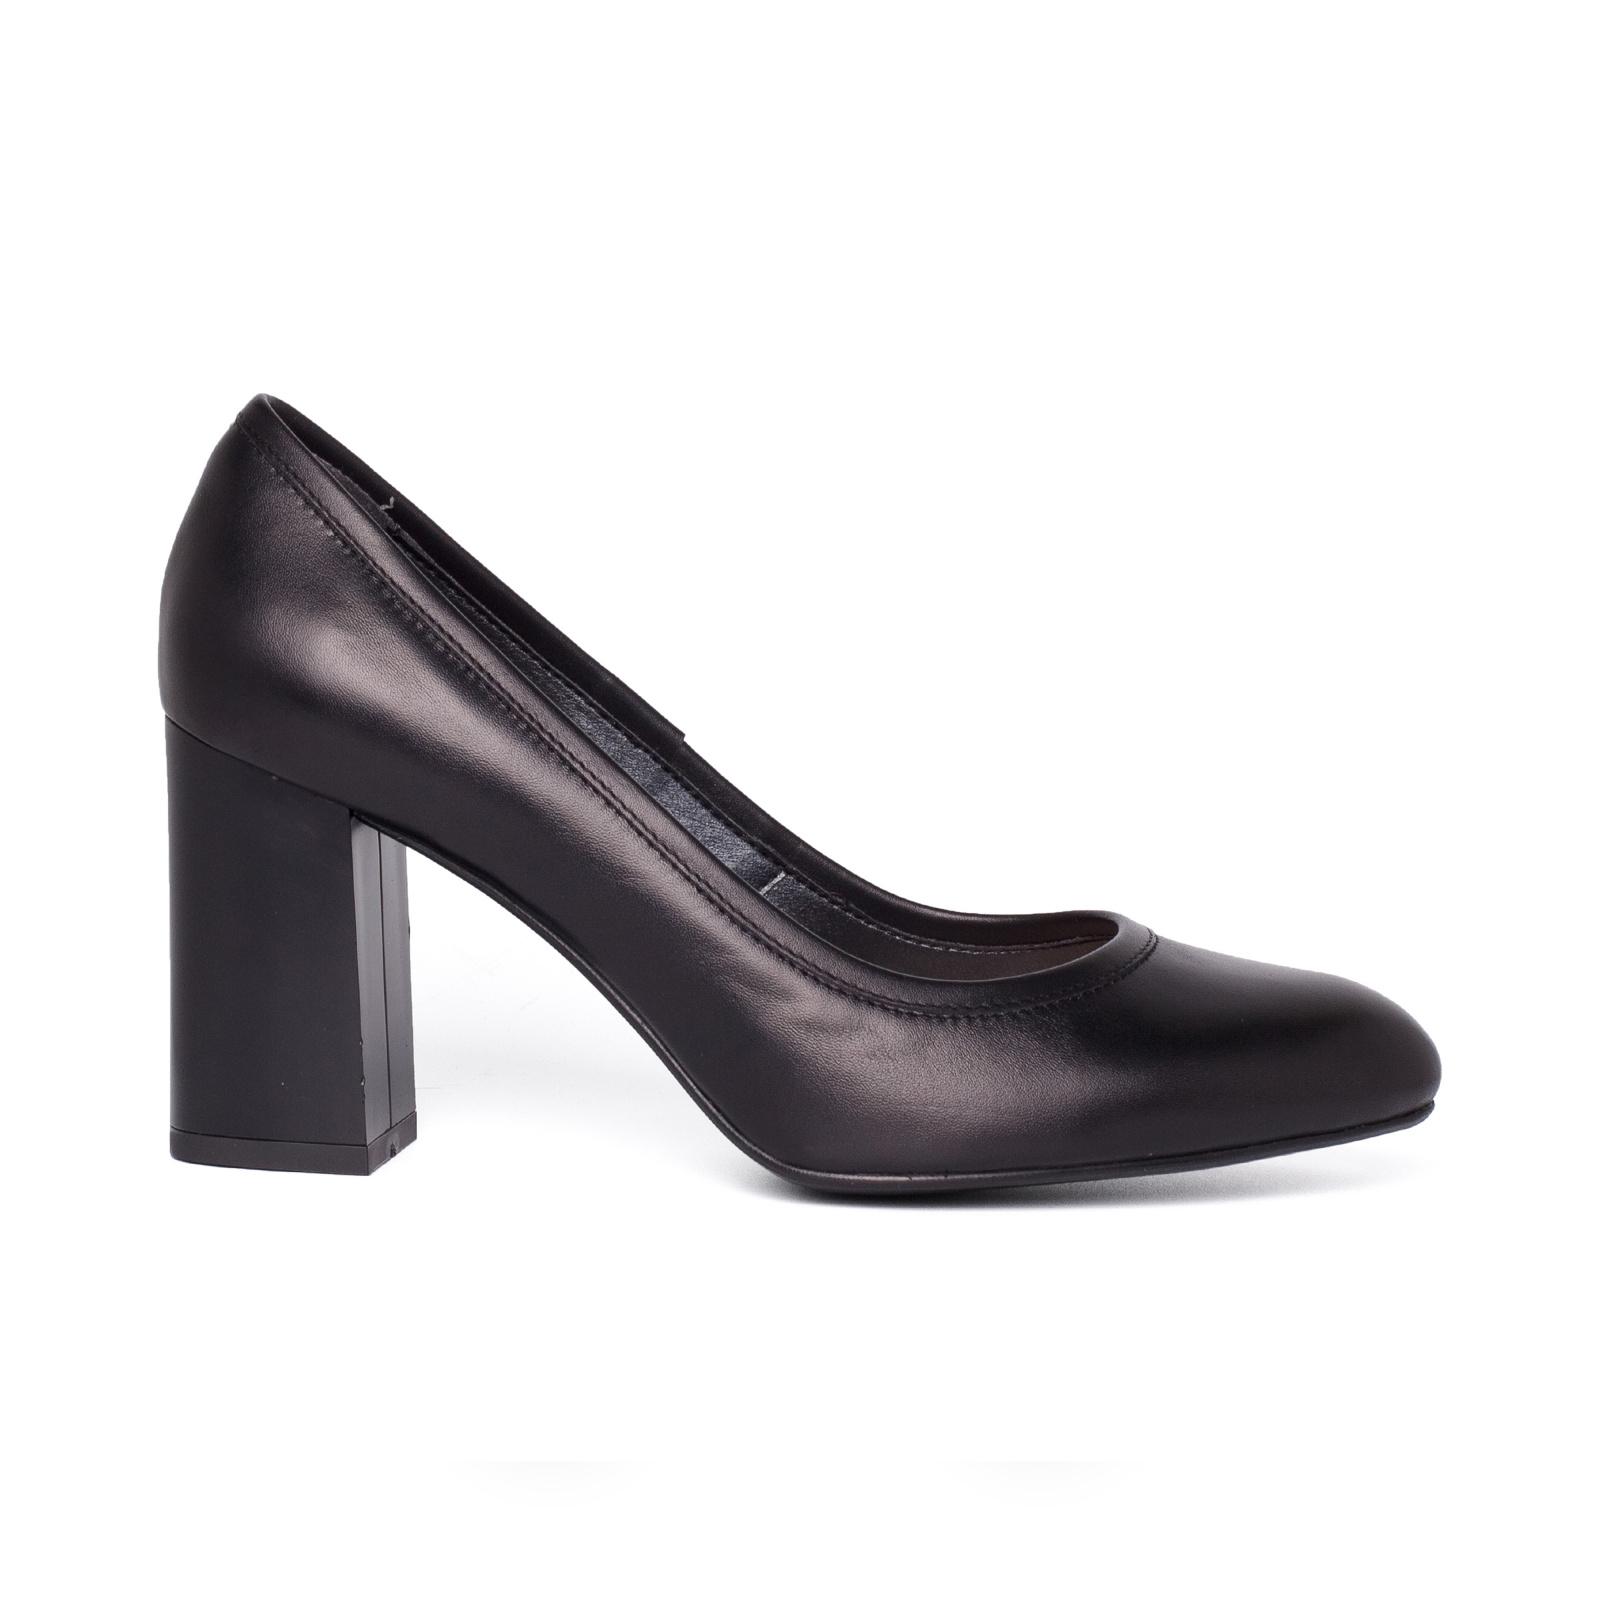 Туфлі  жіночі Лодочки 57600115 чорна шкiра 57600115 брендове взуття, 2017